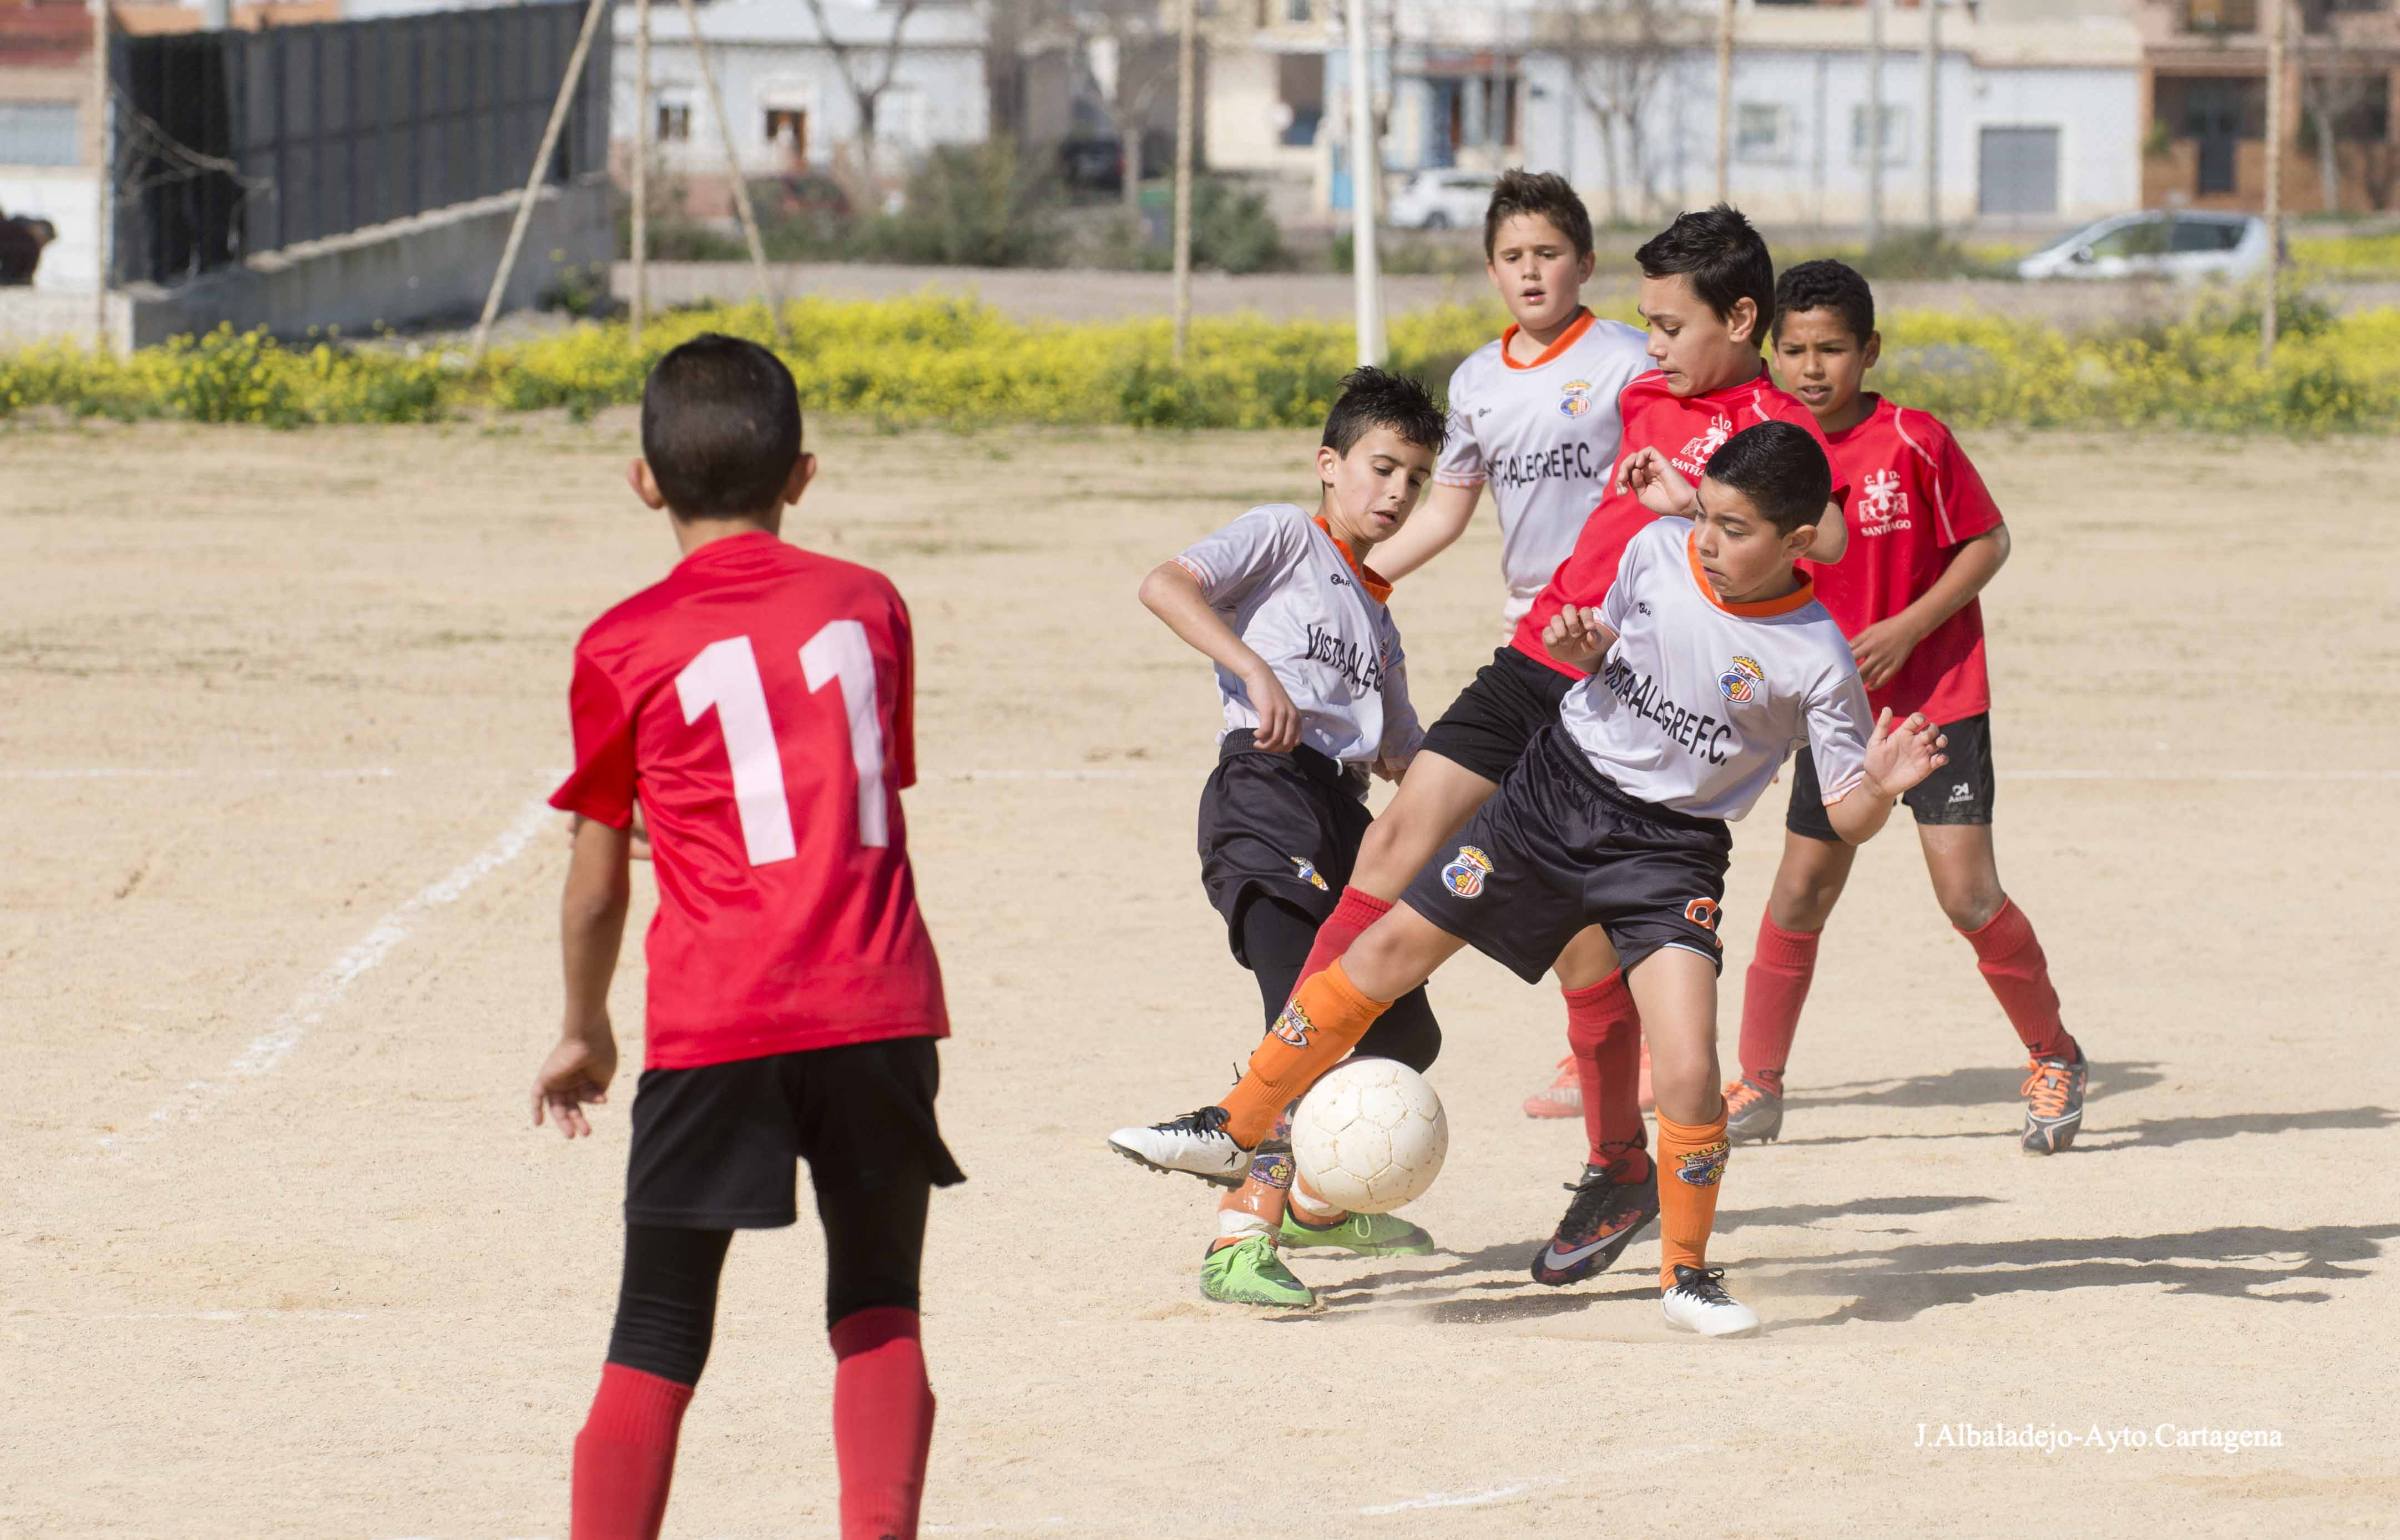 Liga Local de Fútbol Base